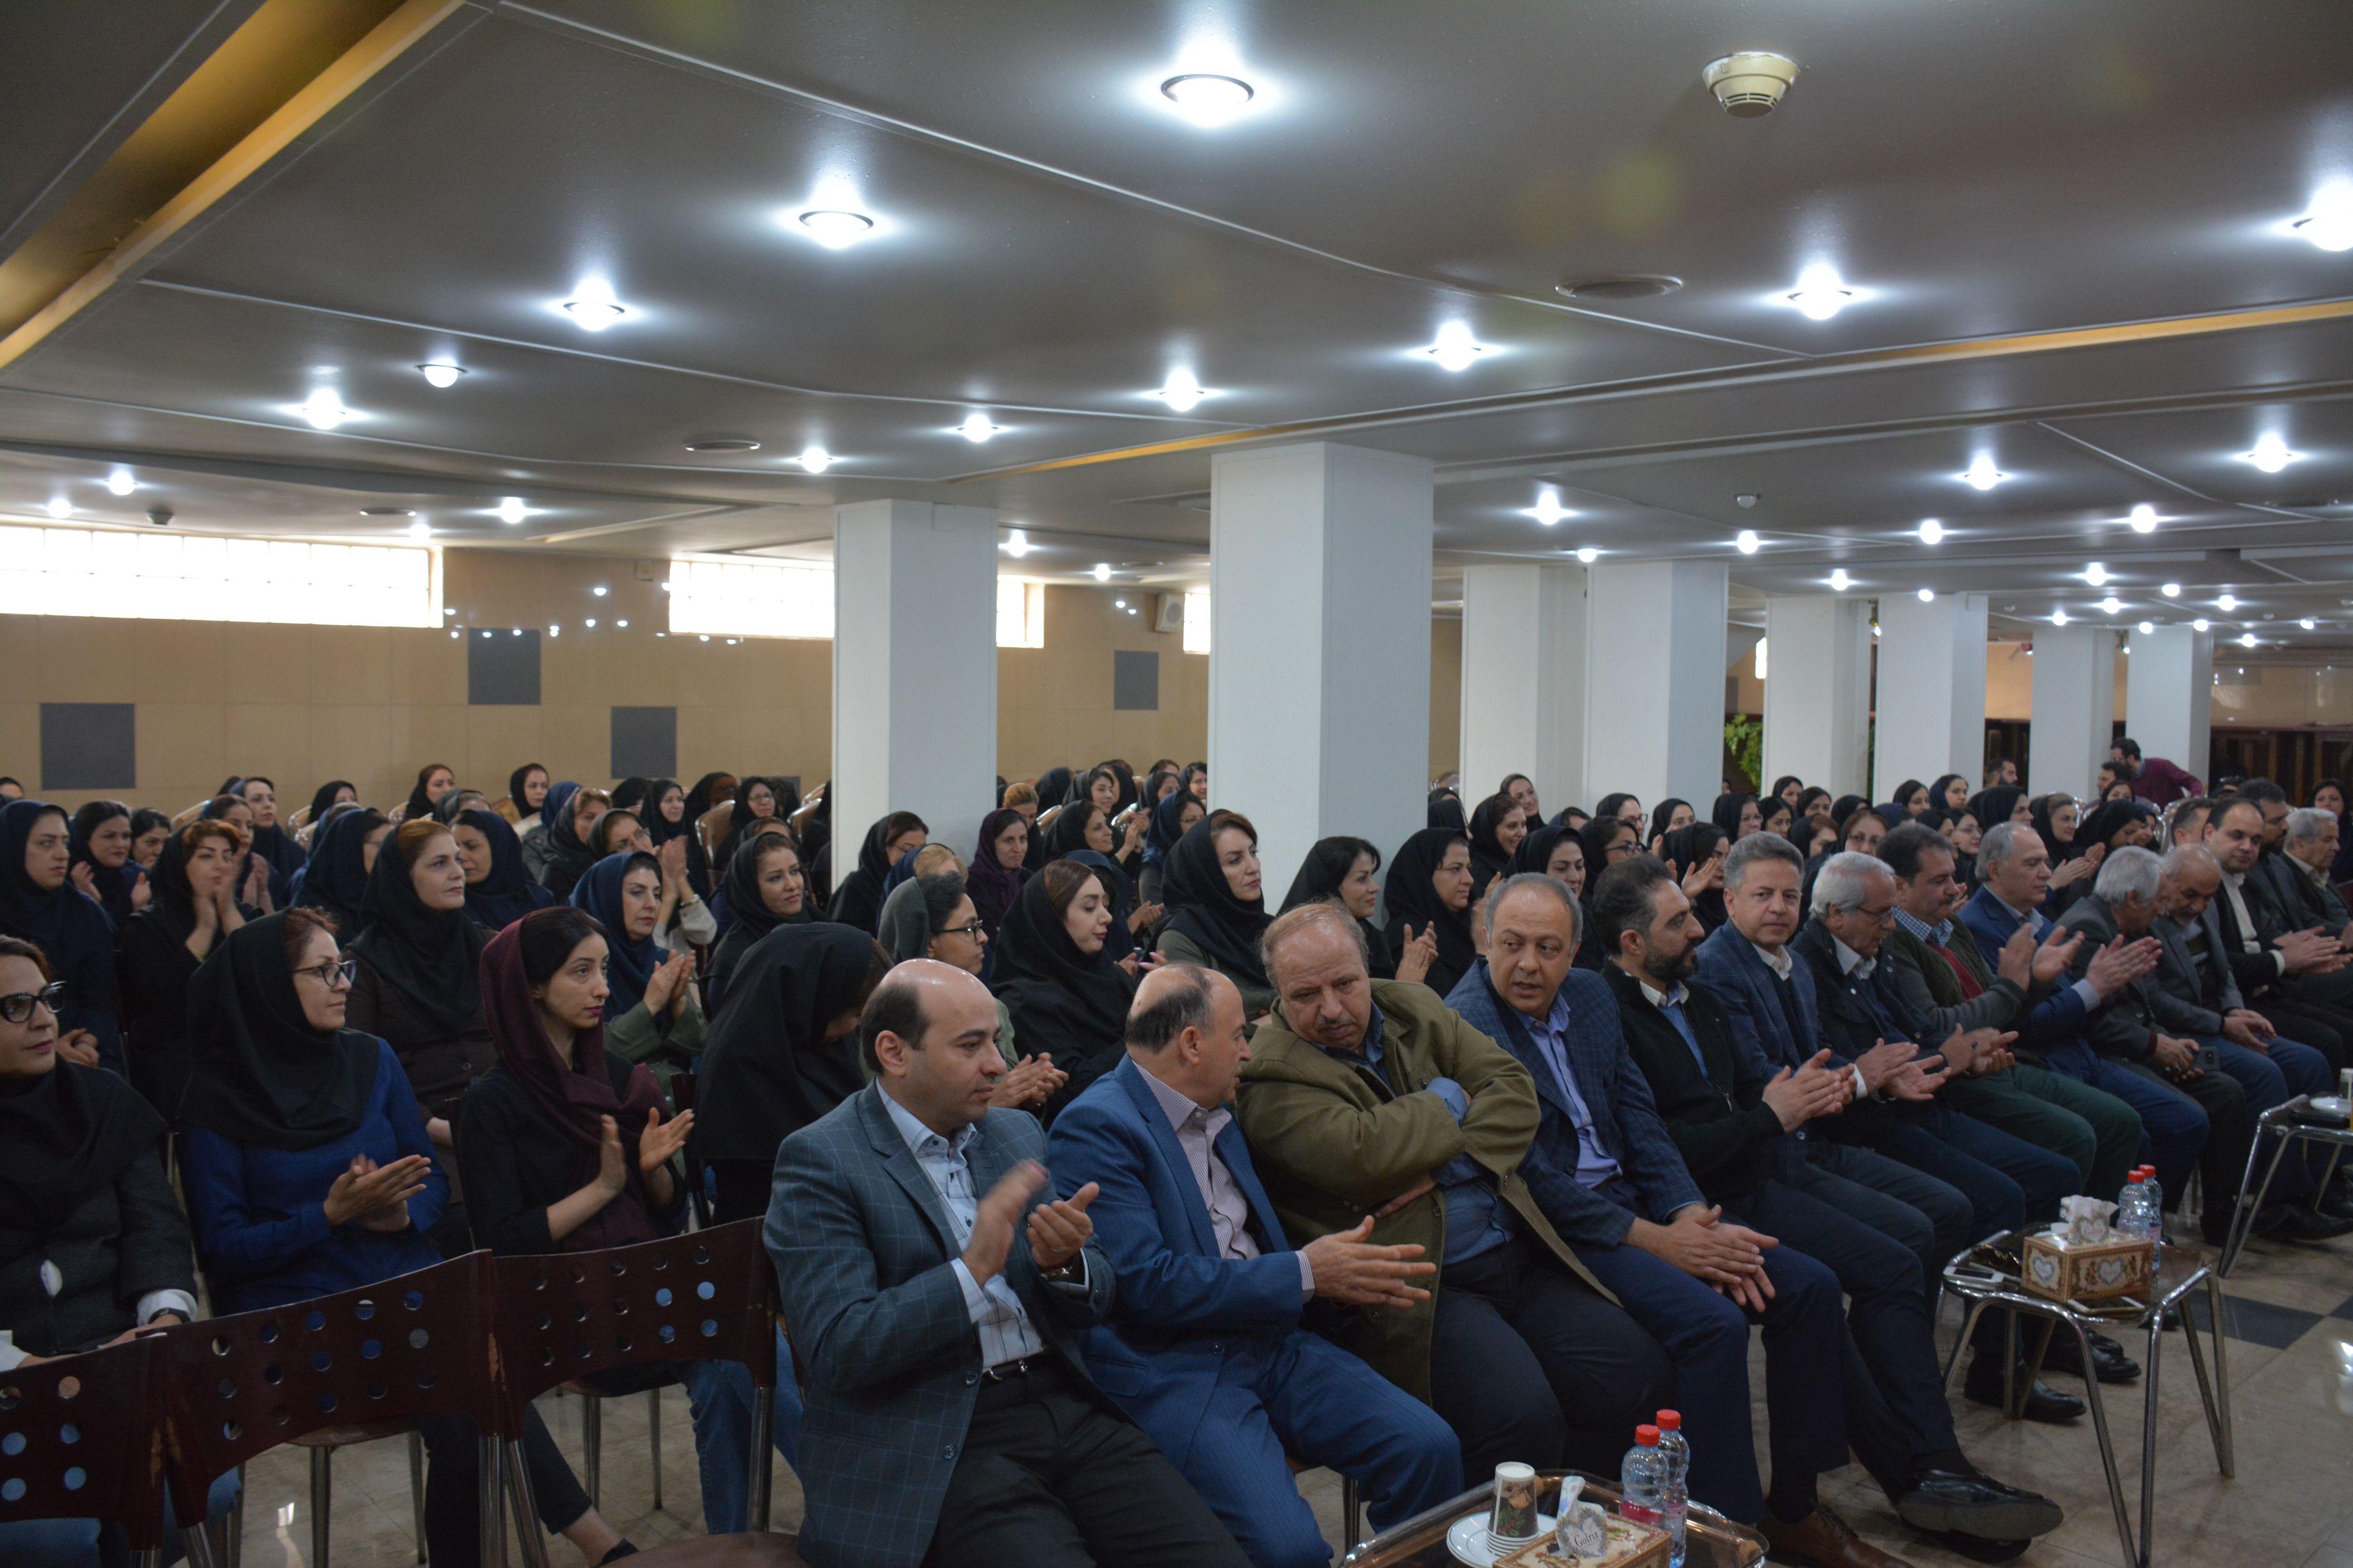 برگزاری مراسم جشن تکریم مقام زن شنبه مورخ 27-11-98